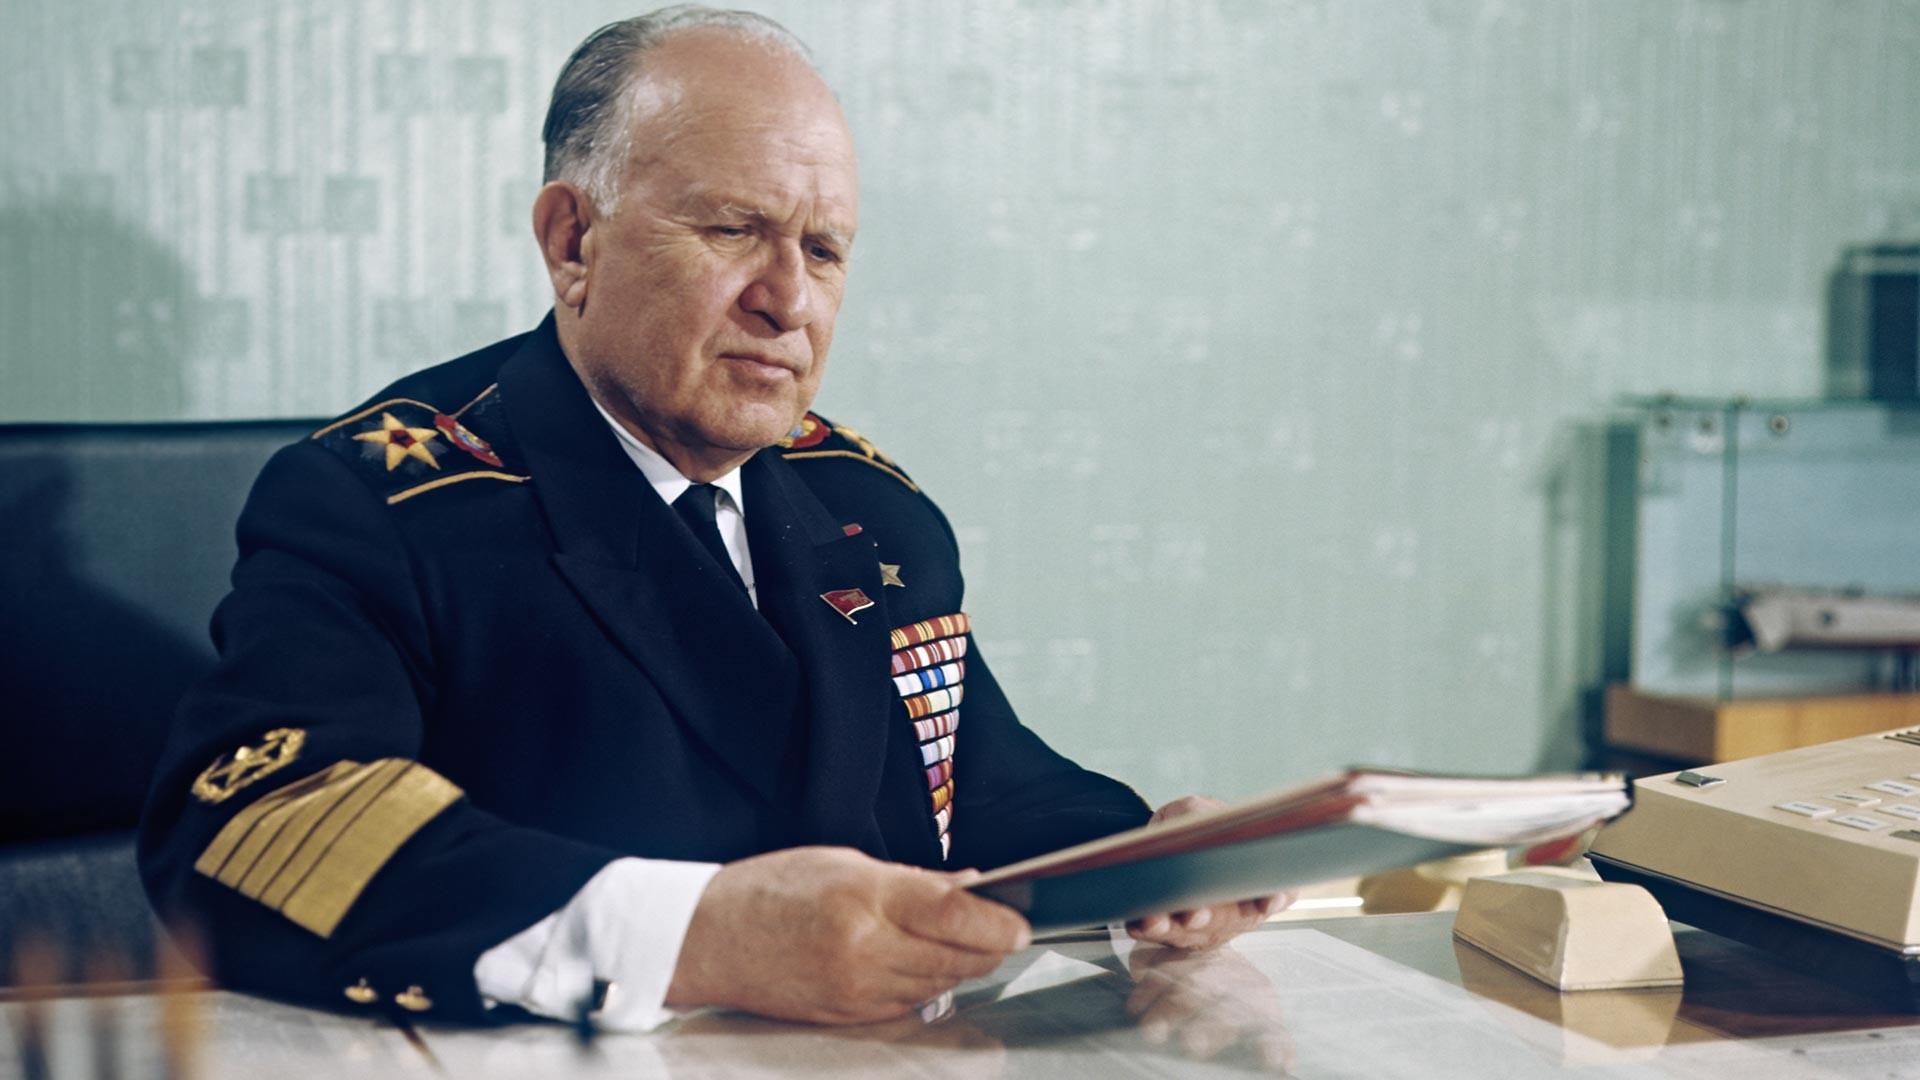 Главнокомандующий Военно-Морским Флотом Адмирал Флота Советского Союза Сергей Горшков.